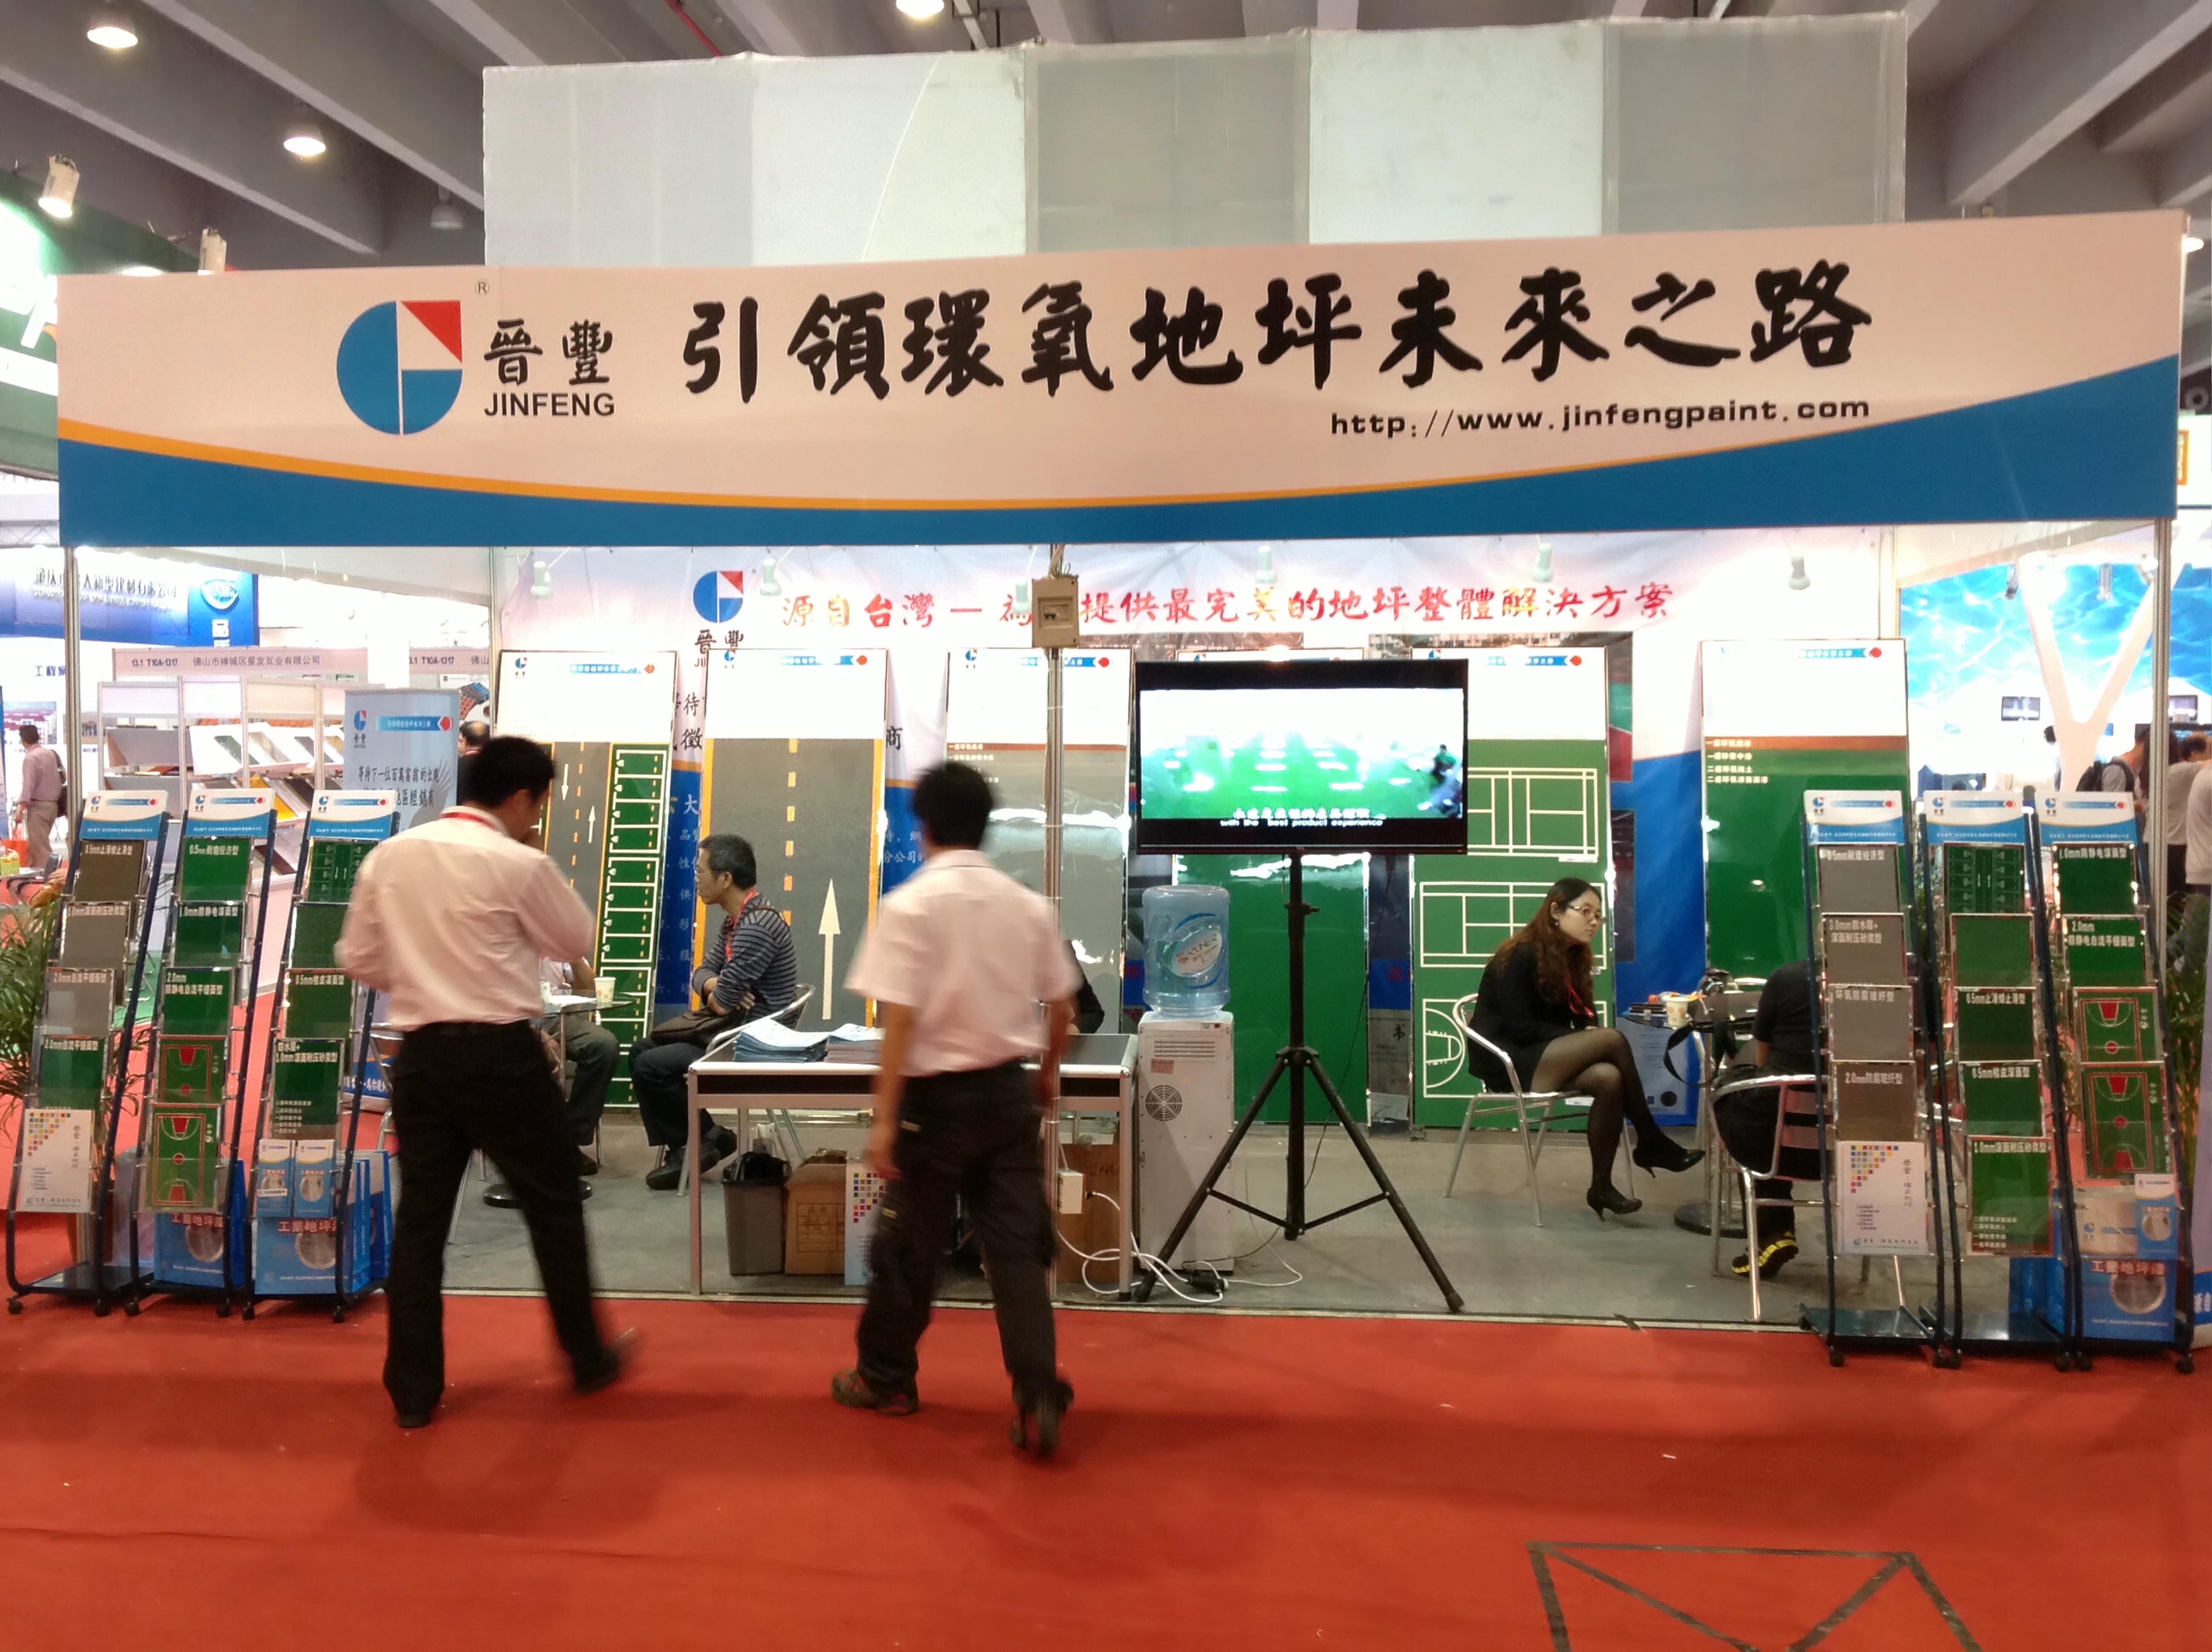 东莞市晋丰涂料化工有限公司参加了2013年中国(广州)国际地坪展览会